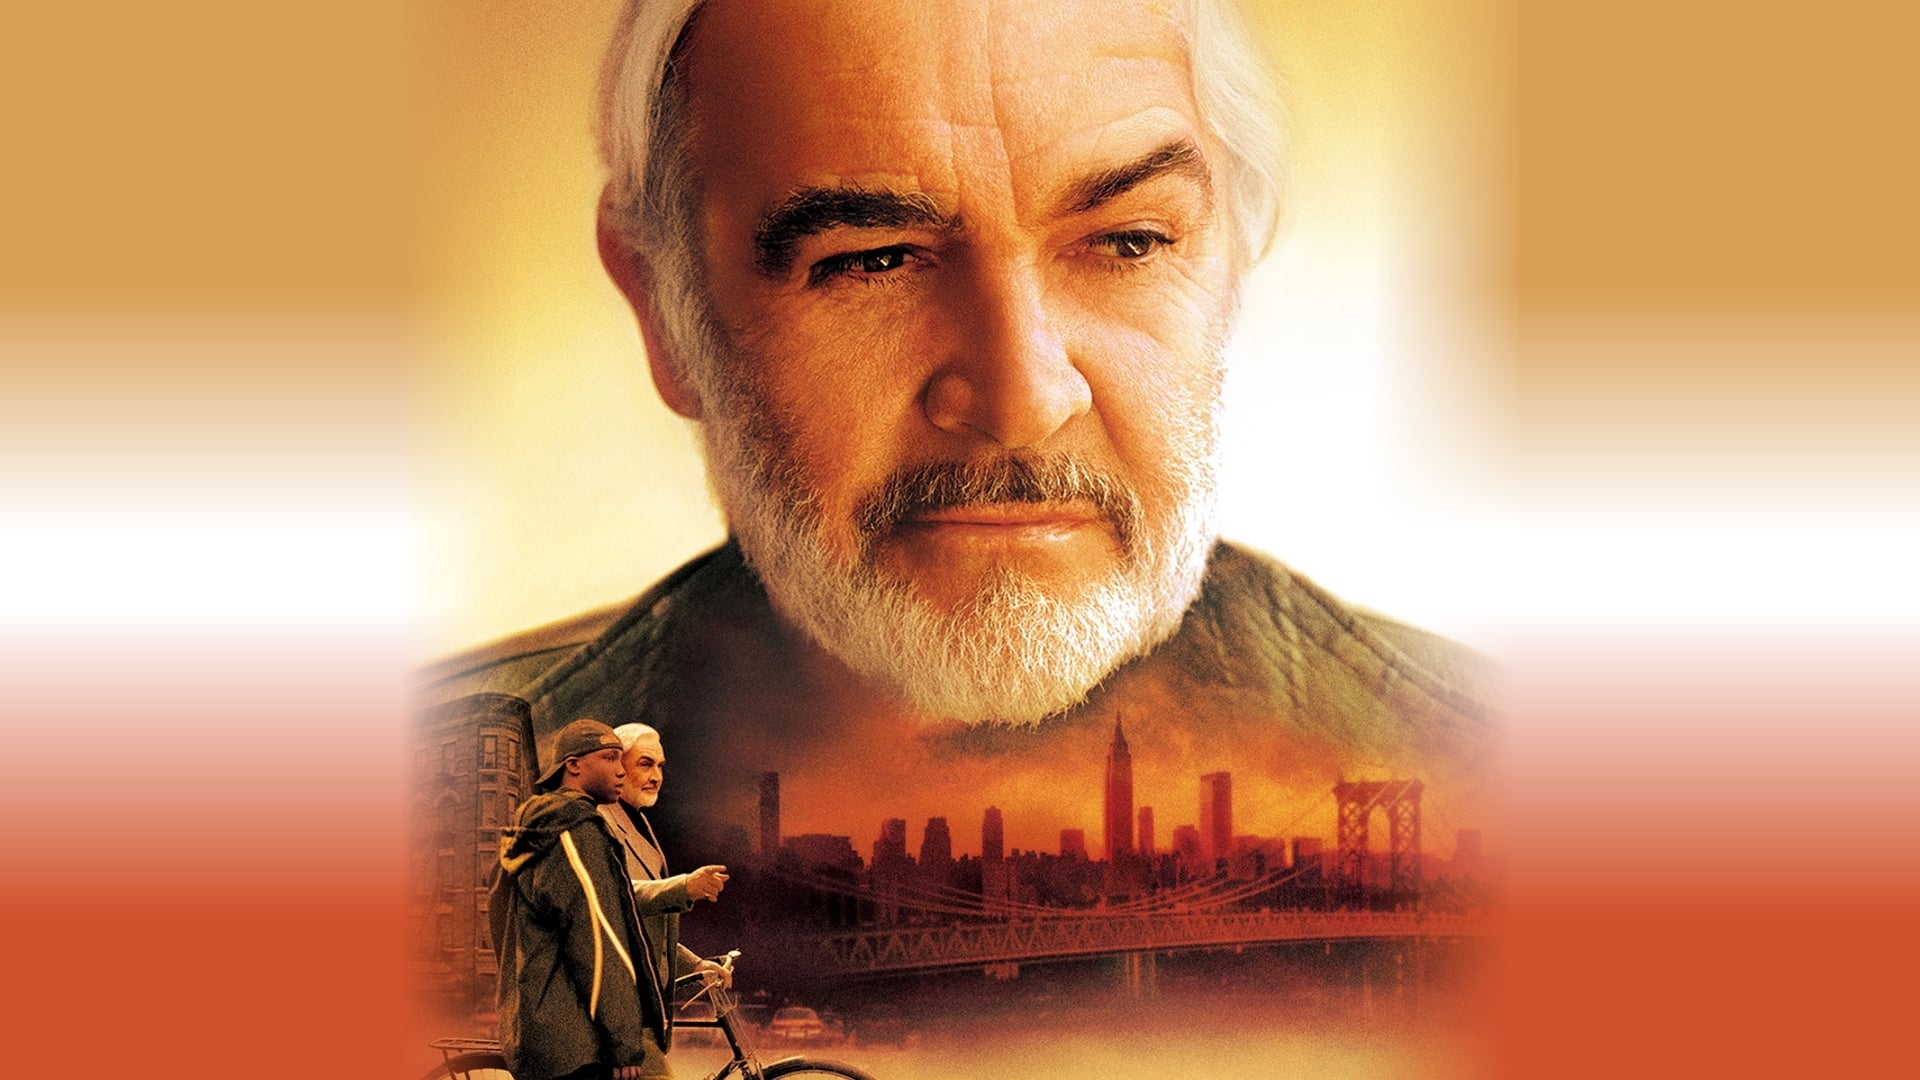 Фильм, который стоит посмотреть: «Найти Форрестера»